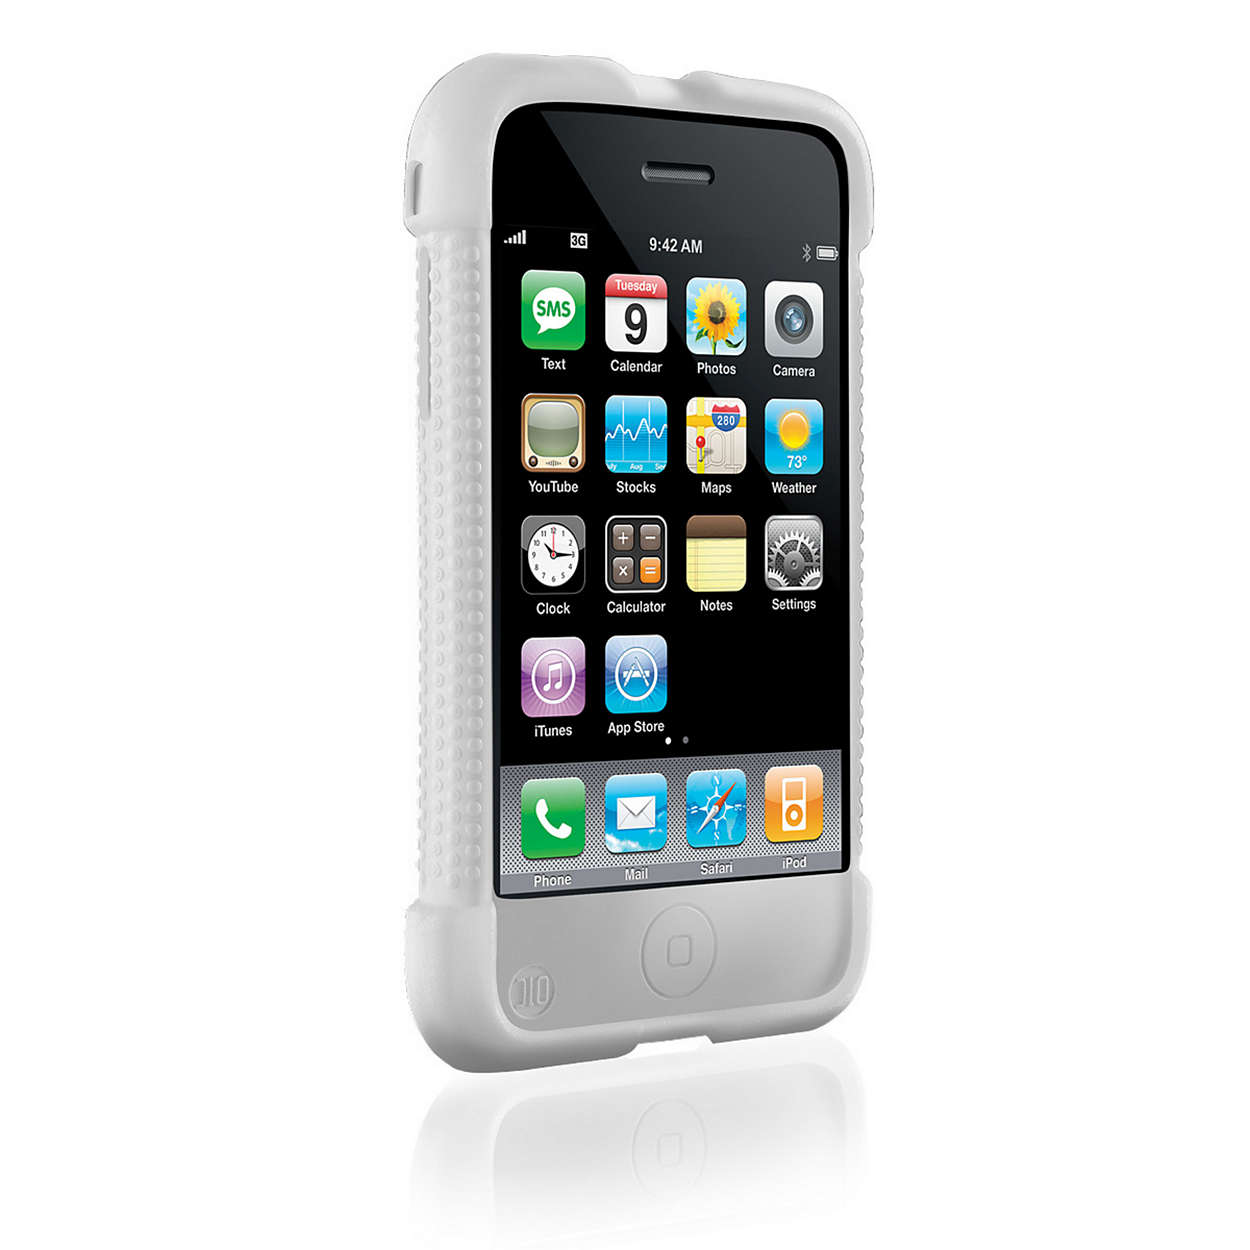 Protégez votre iPhone grâce à une prise en main facilitée